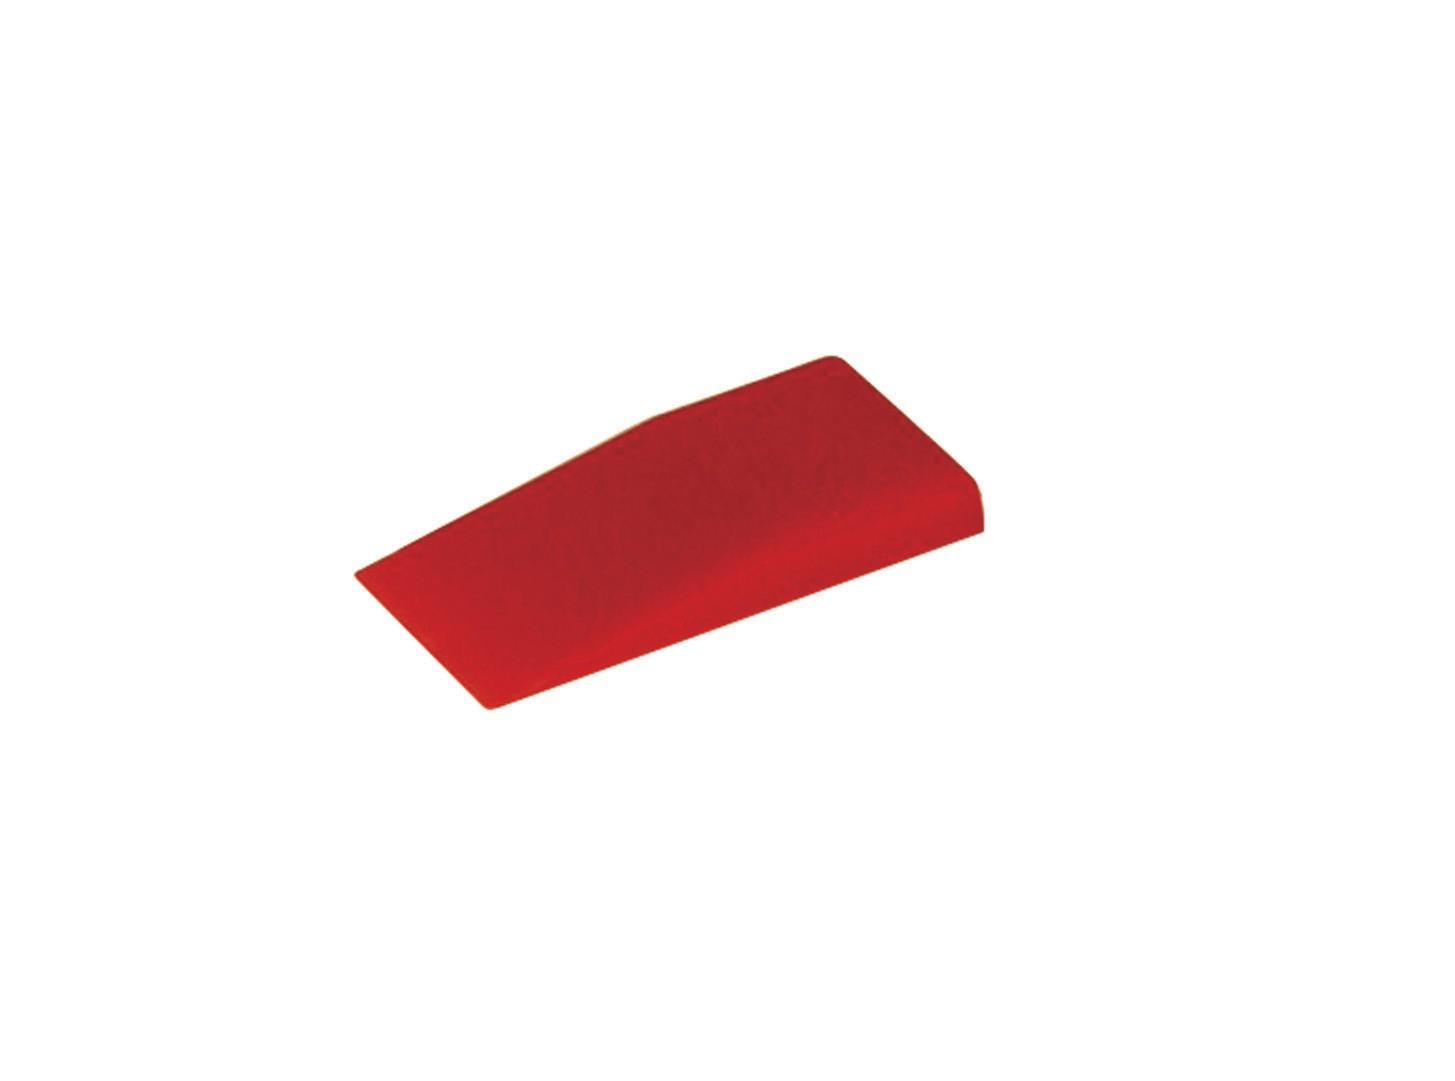 Stelwig, rood 40 23x5 KS